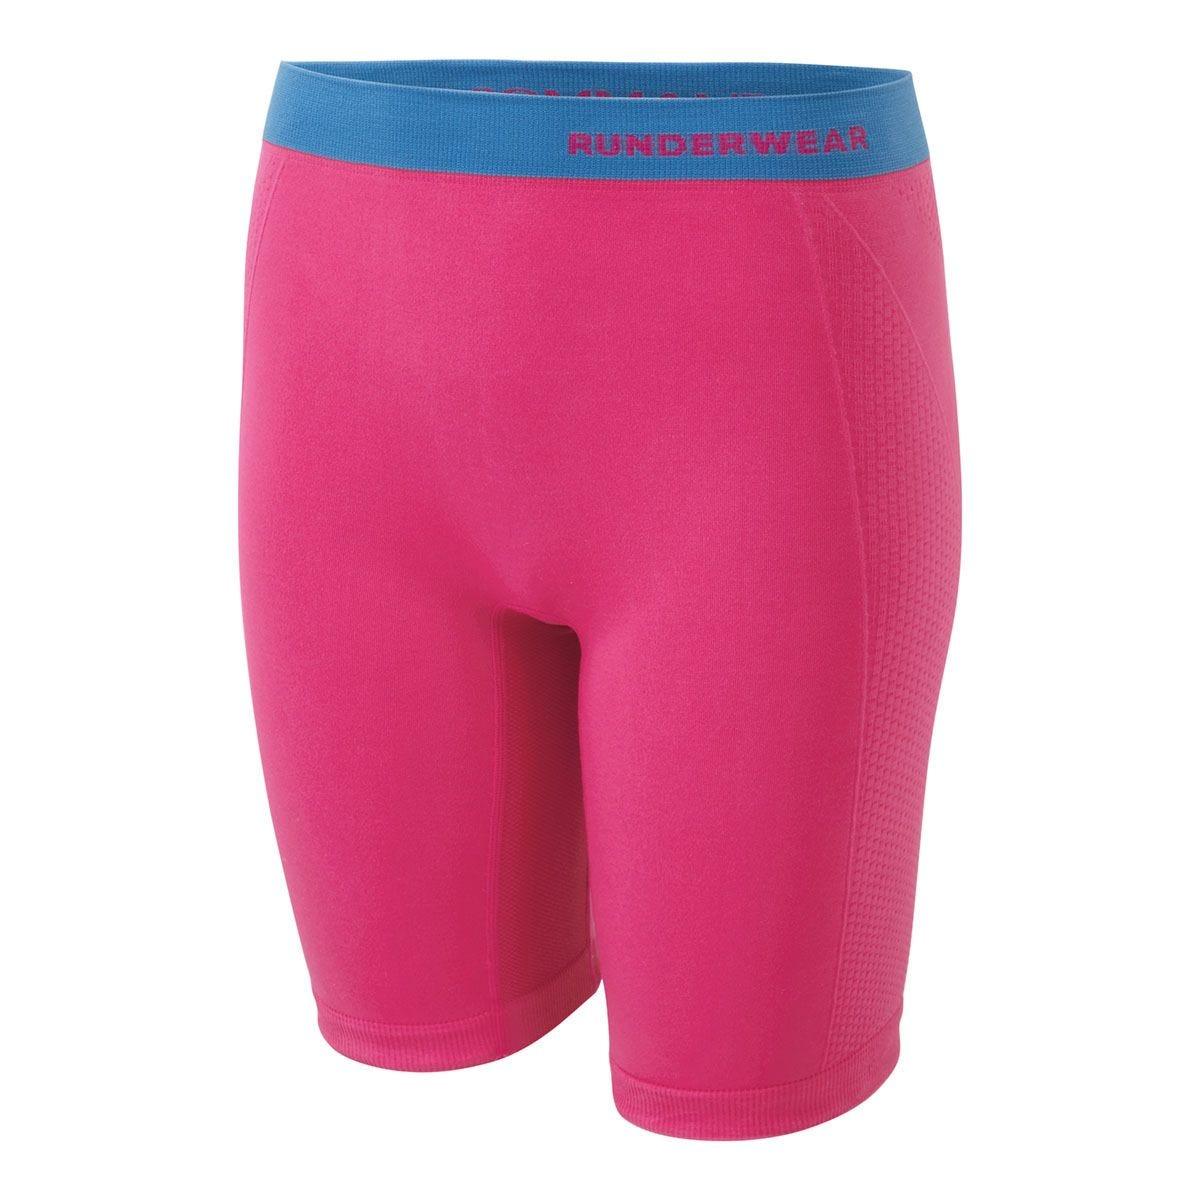 Runderwear Women's Long Shorts Chafe-Free - Pink